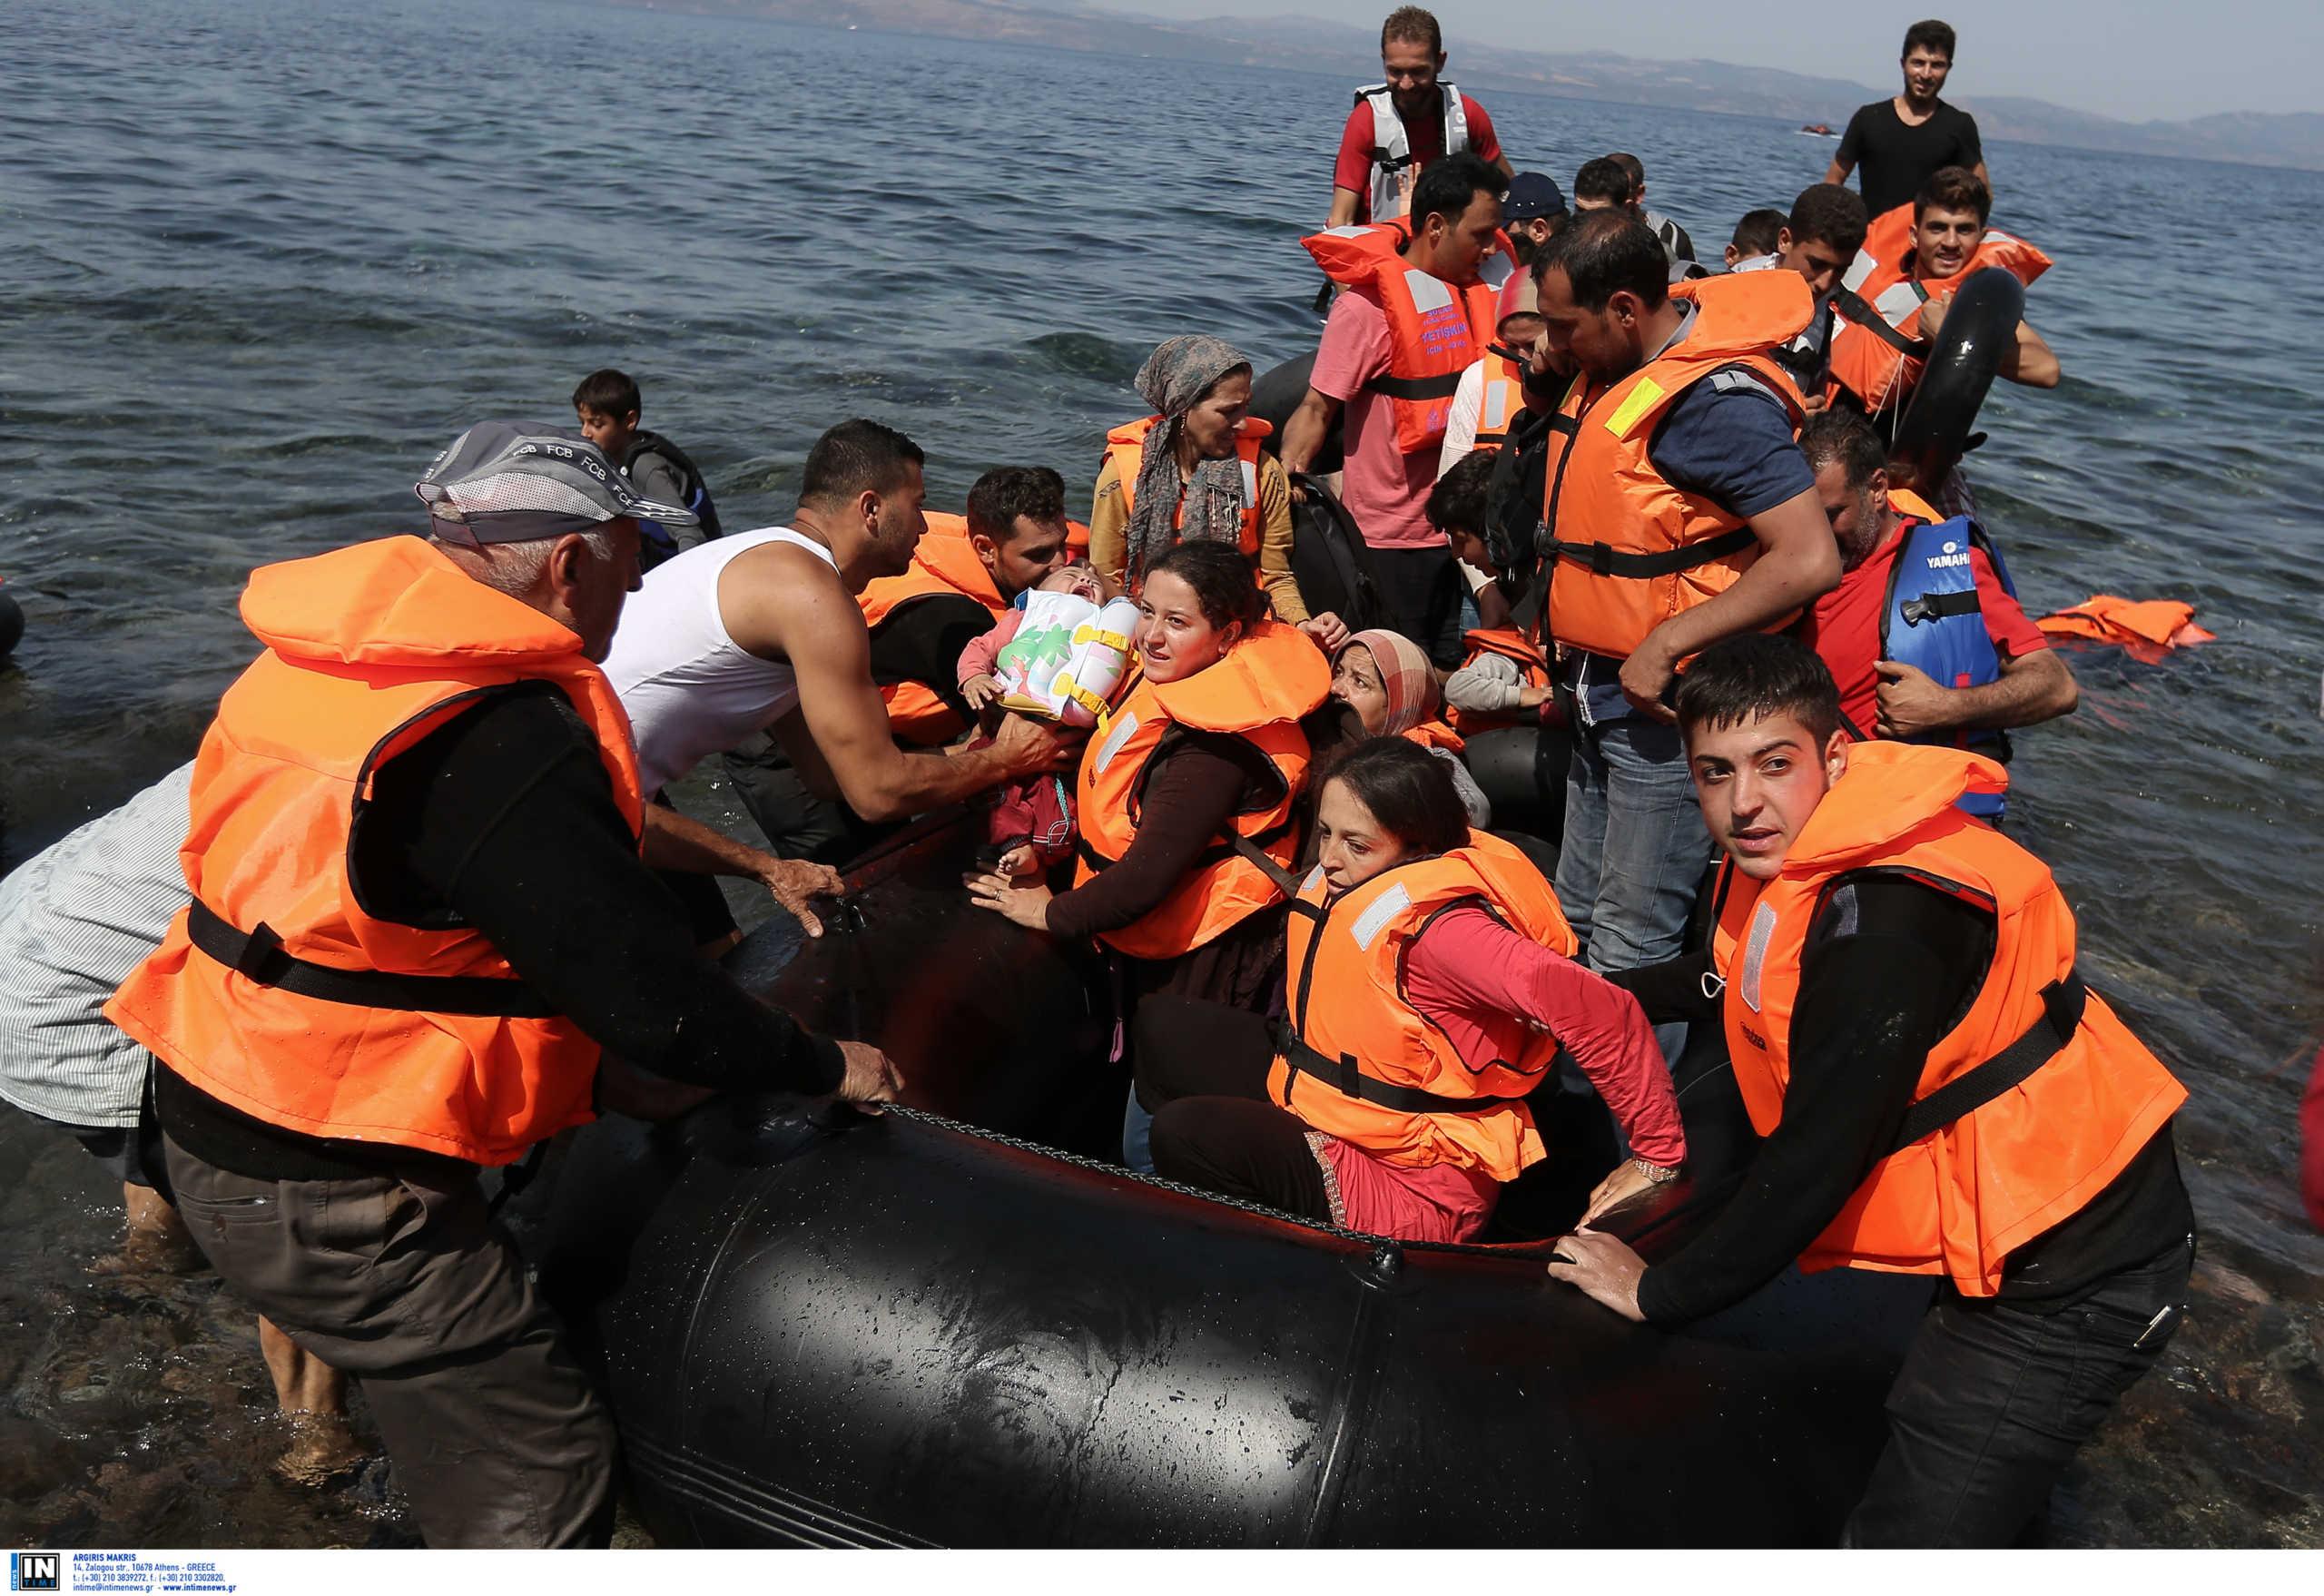 """""""Αντιλαμβανόμαστε τι σημαίνει να έρθουν 100.000 πρόσφυγες στα νησιά""""! Ο Κωνσταντίνος Φίλης αναλύει στο newsit.gr τις κινήσεις Ερντογάν"""